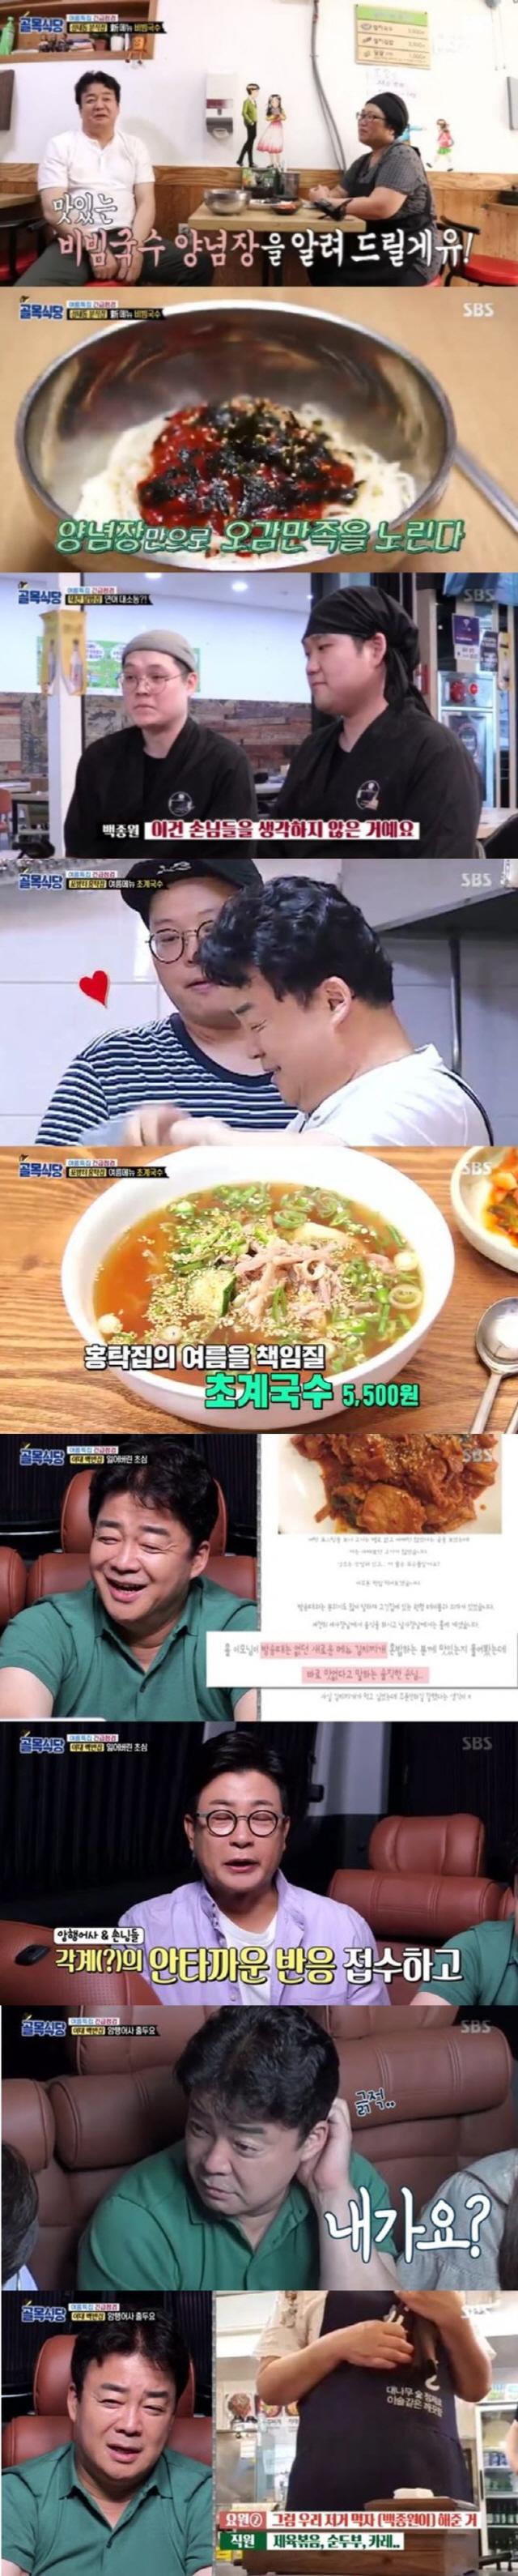 '백종원의 골목식당' 여름특집, 이대 백반집 요리에 충격 '최고 시청률'